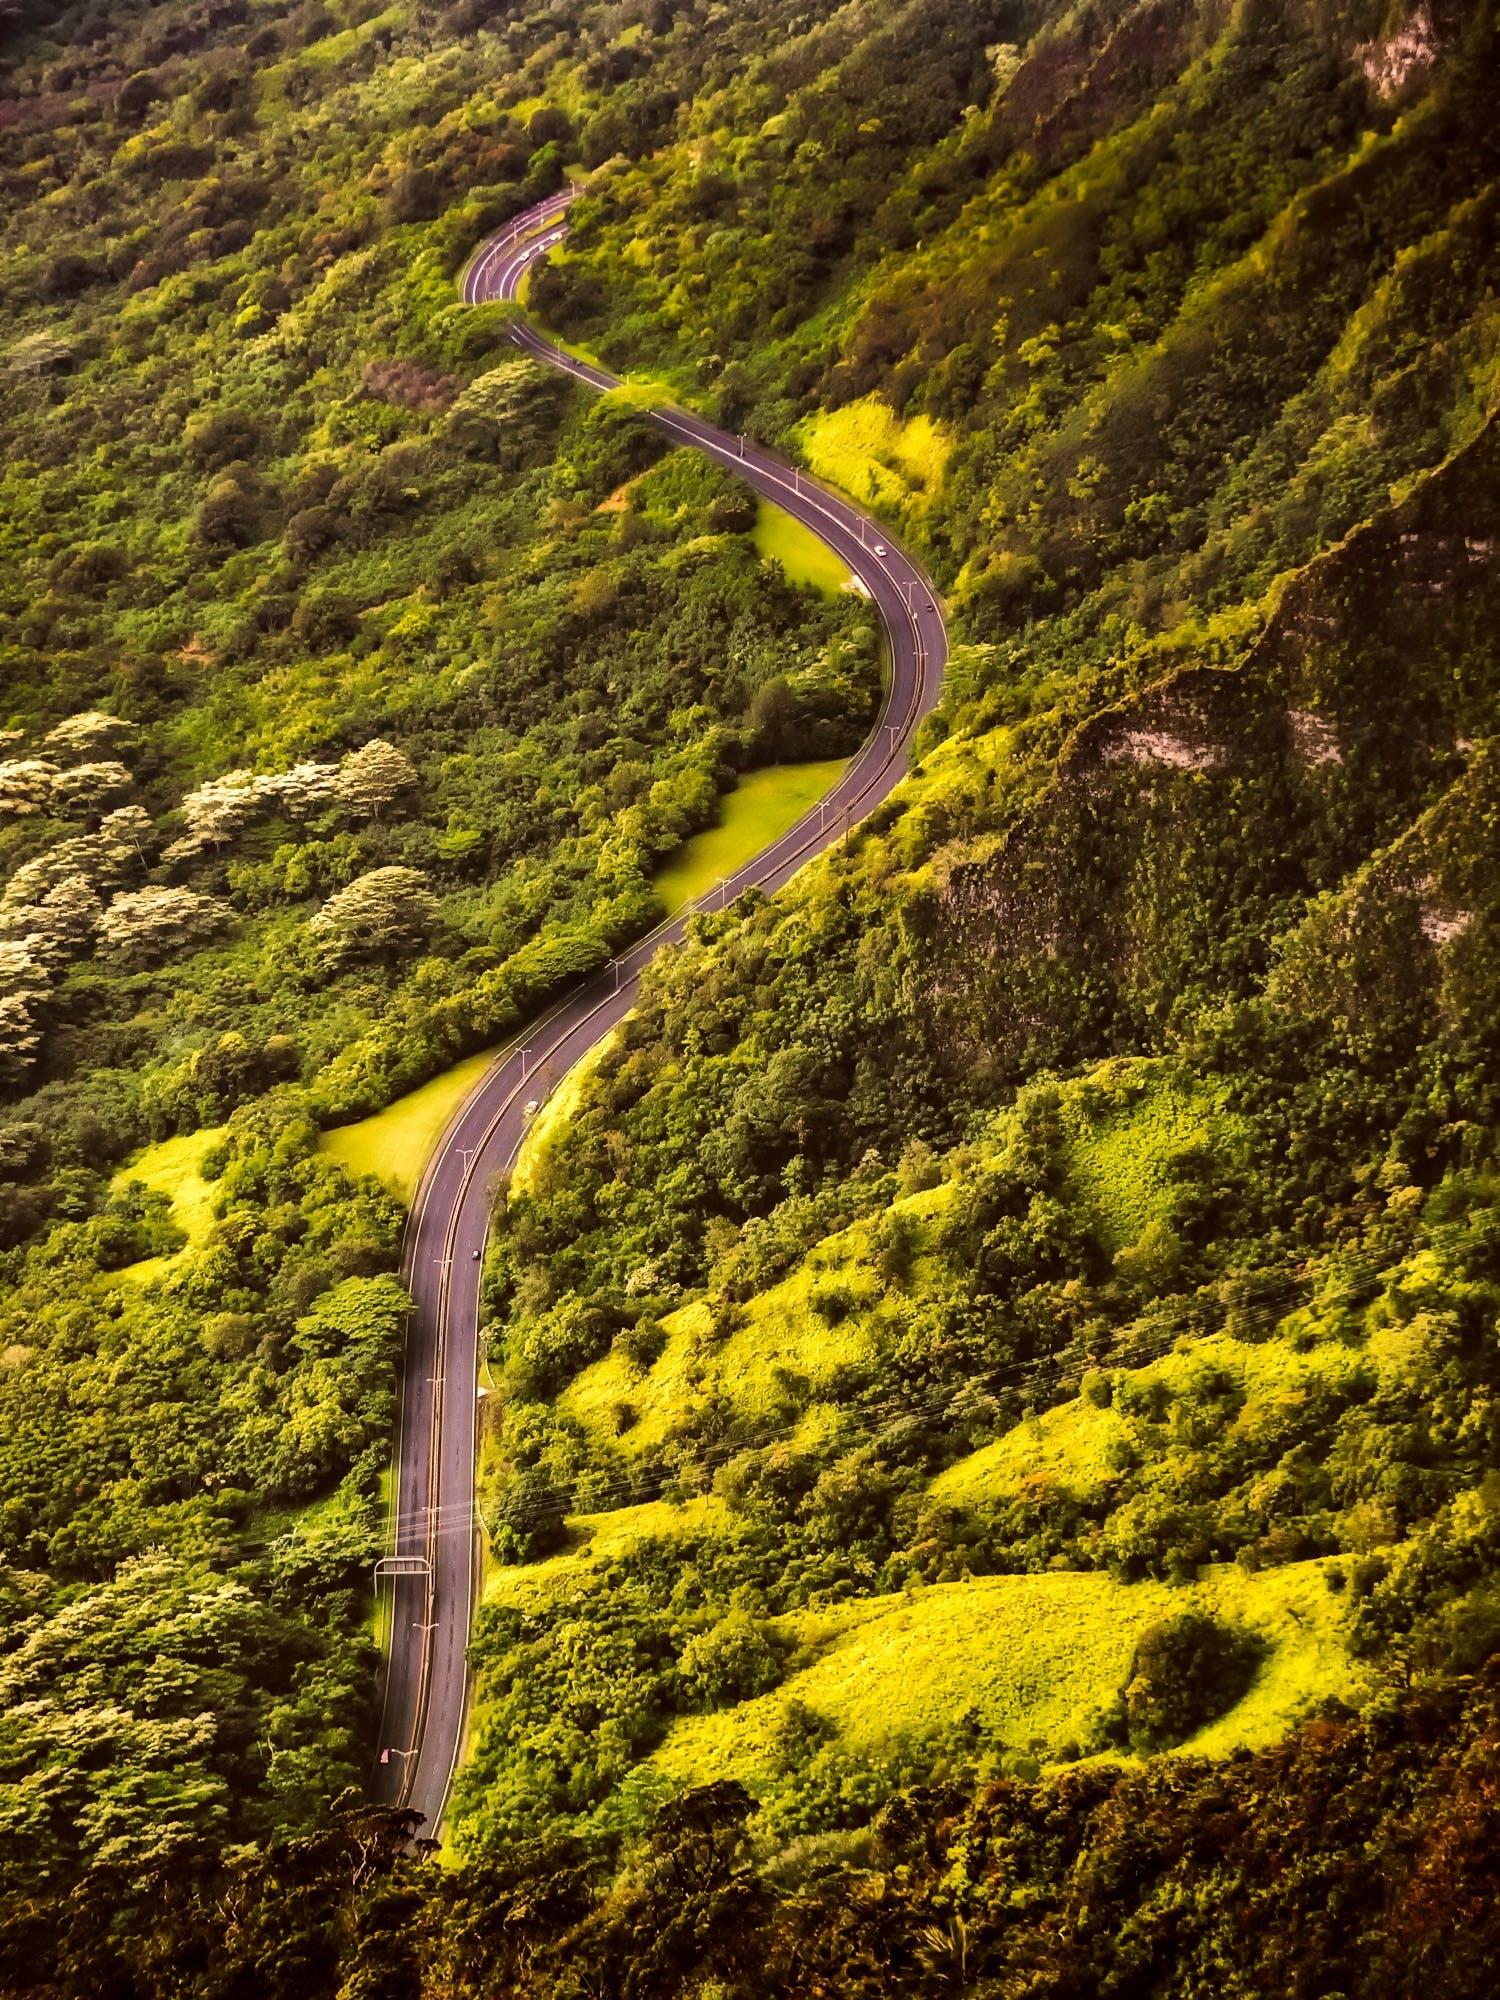 Kostenloses Stock Foto zu außerorts, autobahn, bäume, holz